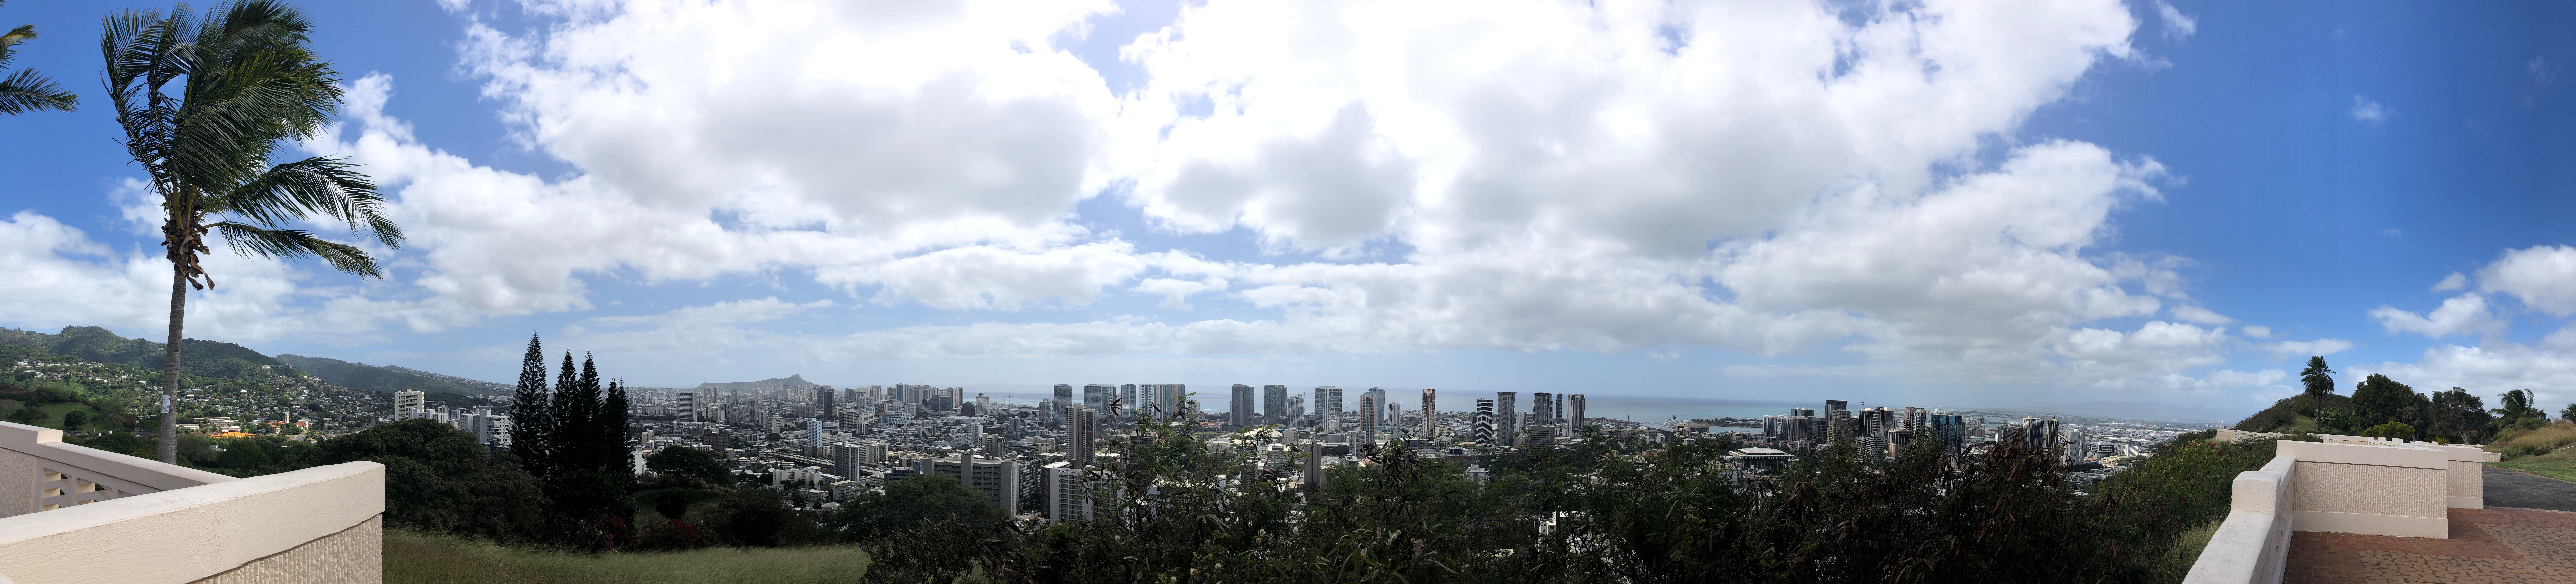 USA Hawaii Honolulu 1